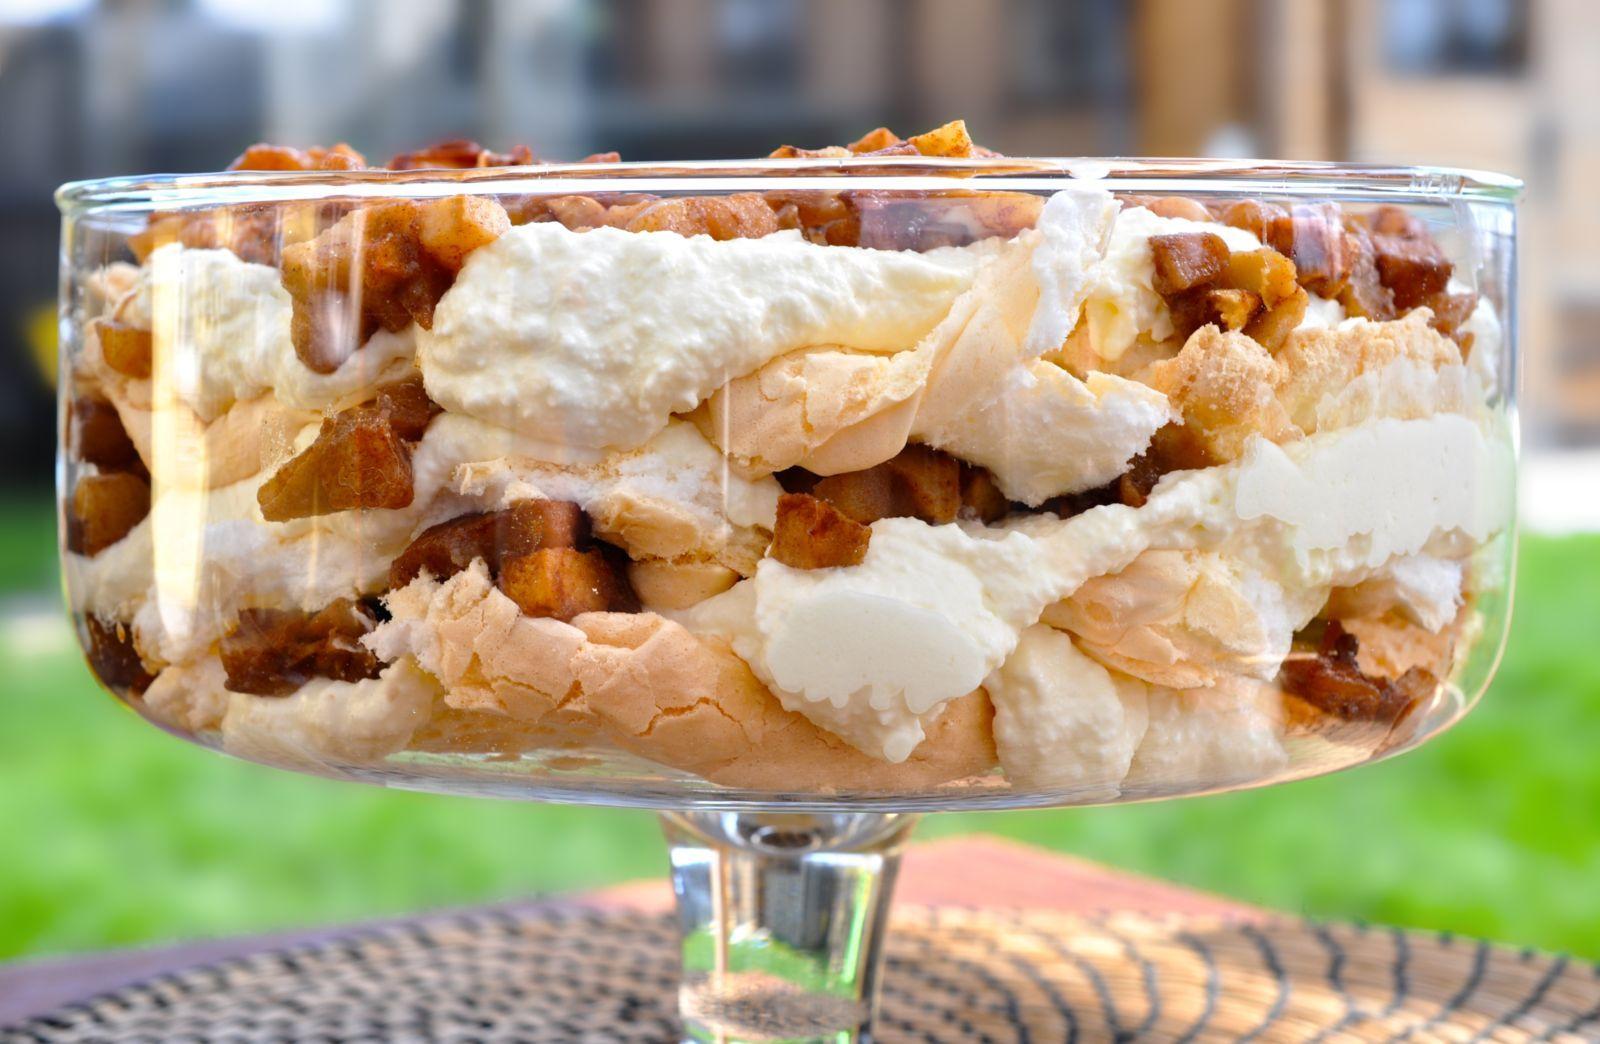 Več kot odlična je tale sladica, sploh za ljubitelje kombinacije jabolk in skute. Ko se to dvoje združi s hrustljvo in v ustih topečo meringuo, nastane eksplozija užitka. Prav zares. Sladica je po enem dnevu celo boljša – hrustljavost meringue sicer ni več prisotna, a se okusi